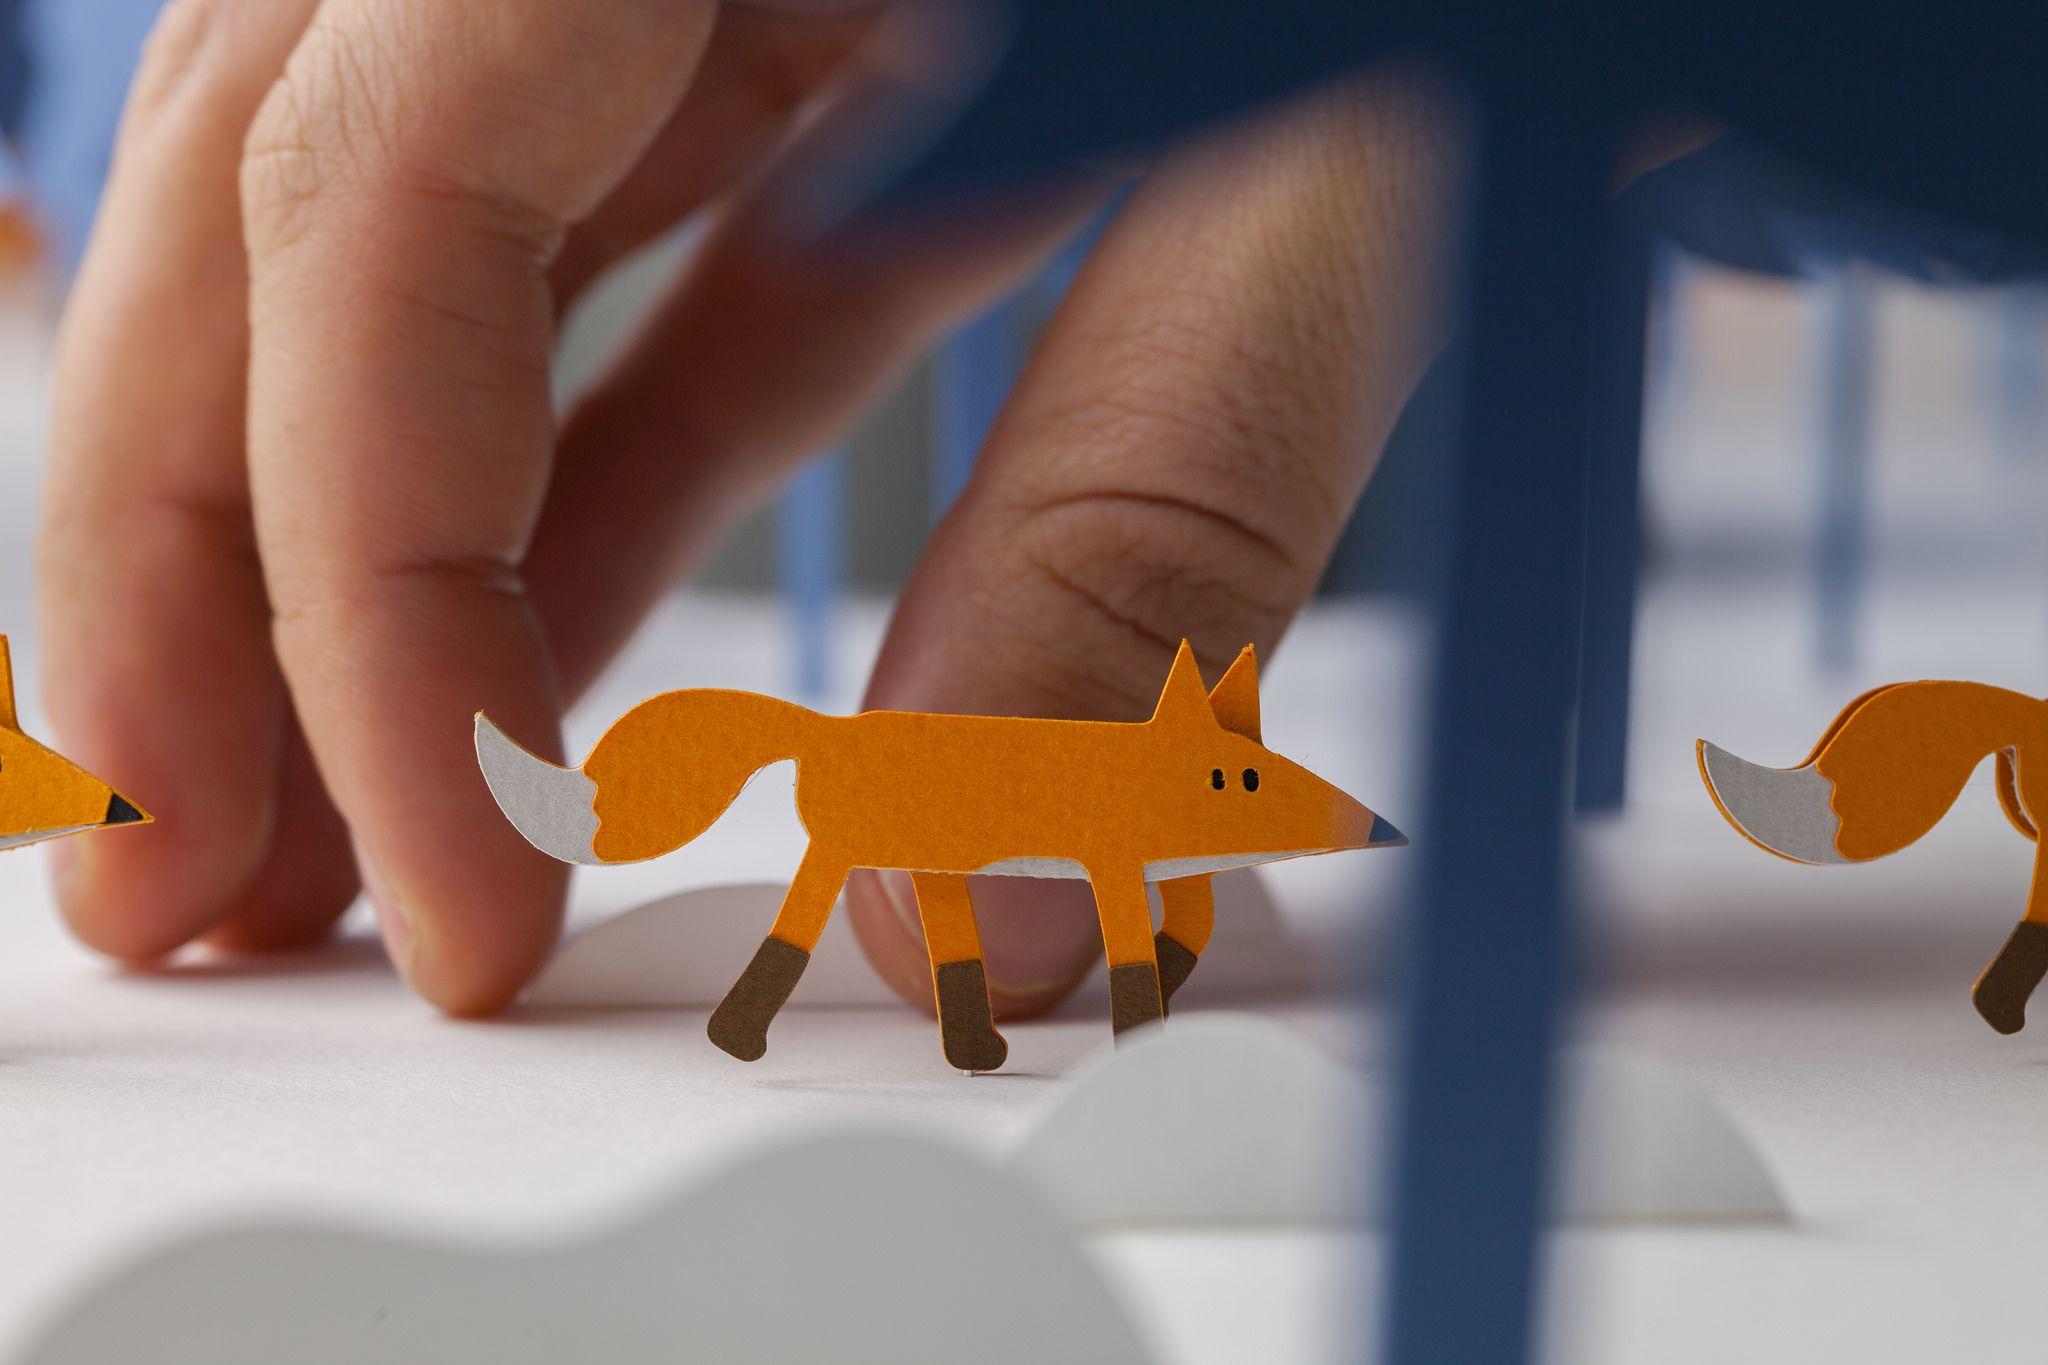 http://picturesmith.uk/portfolio/merry-foxmas/